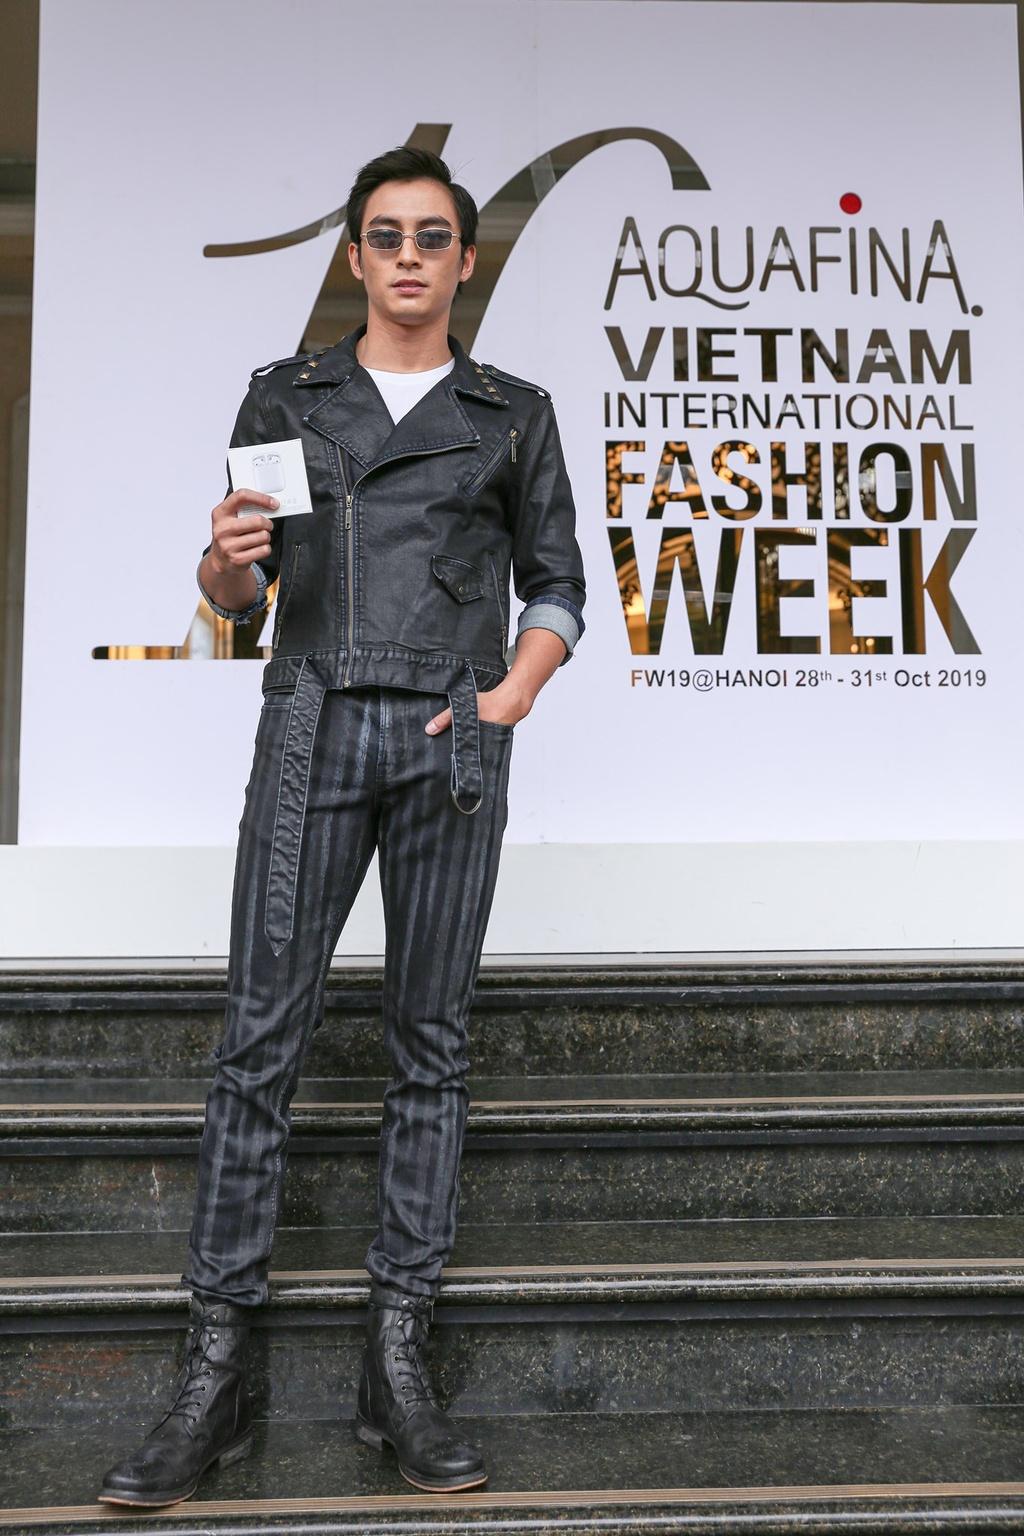 Nhung ban tre nao gianh giai street style tai pho Trang Tien? hinh anh 5